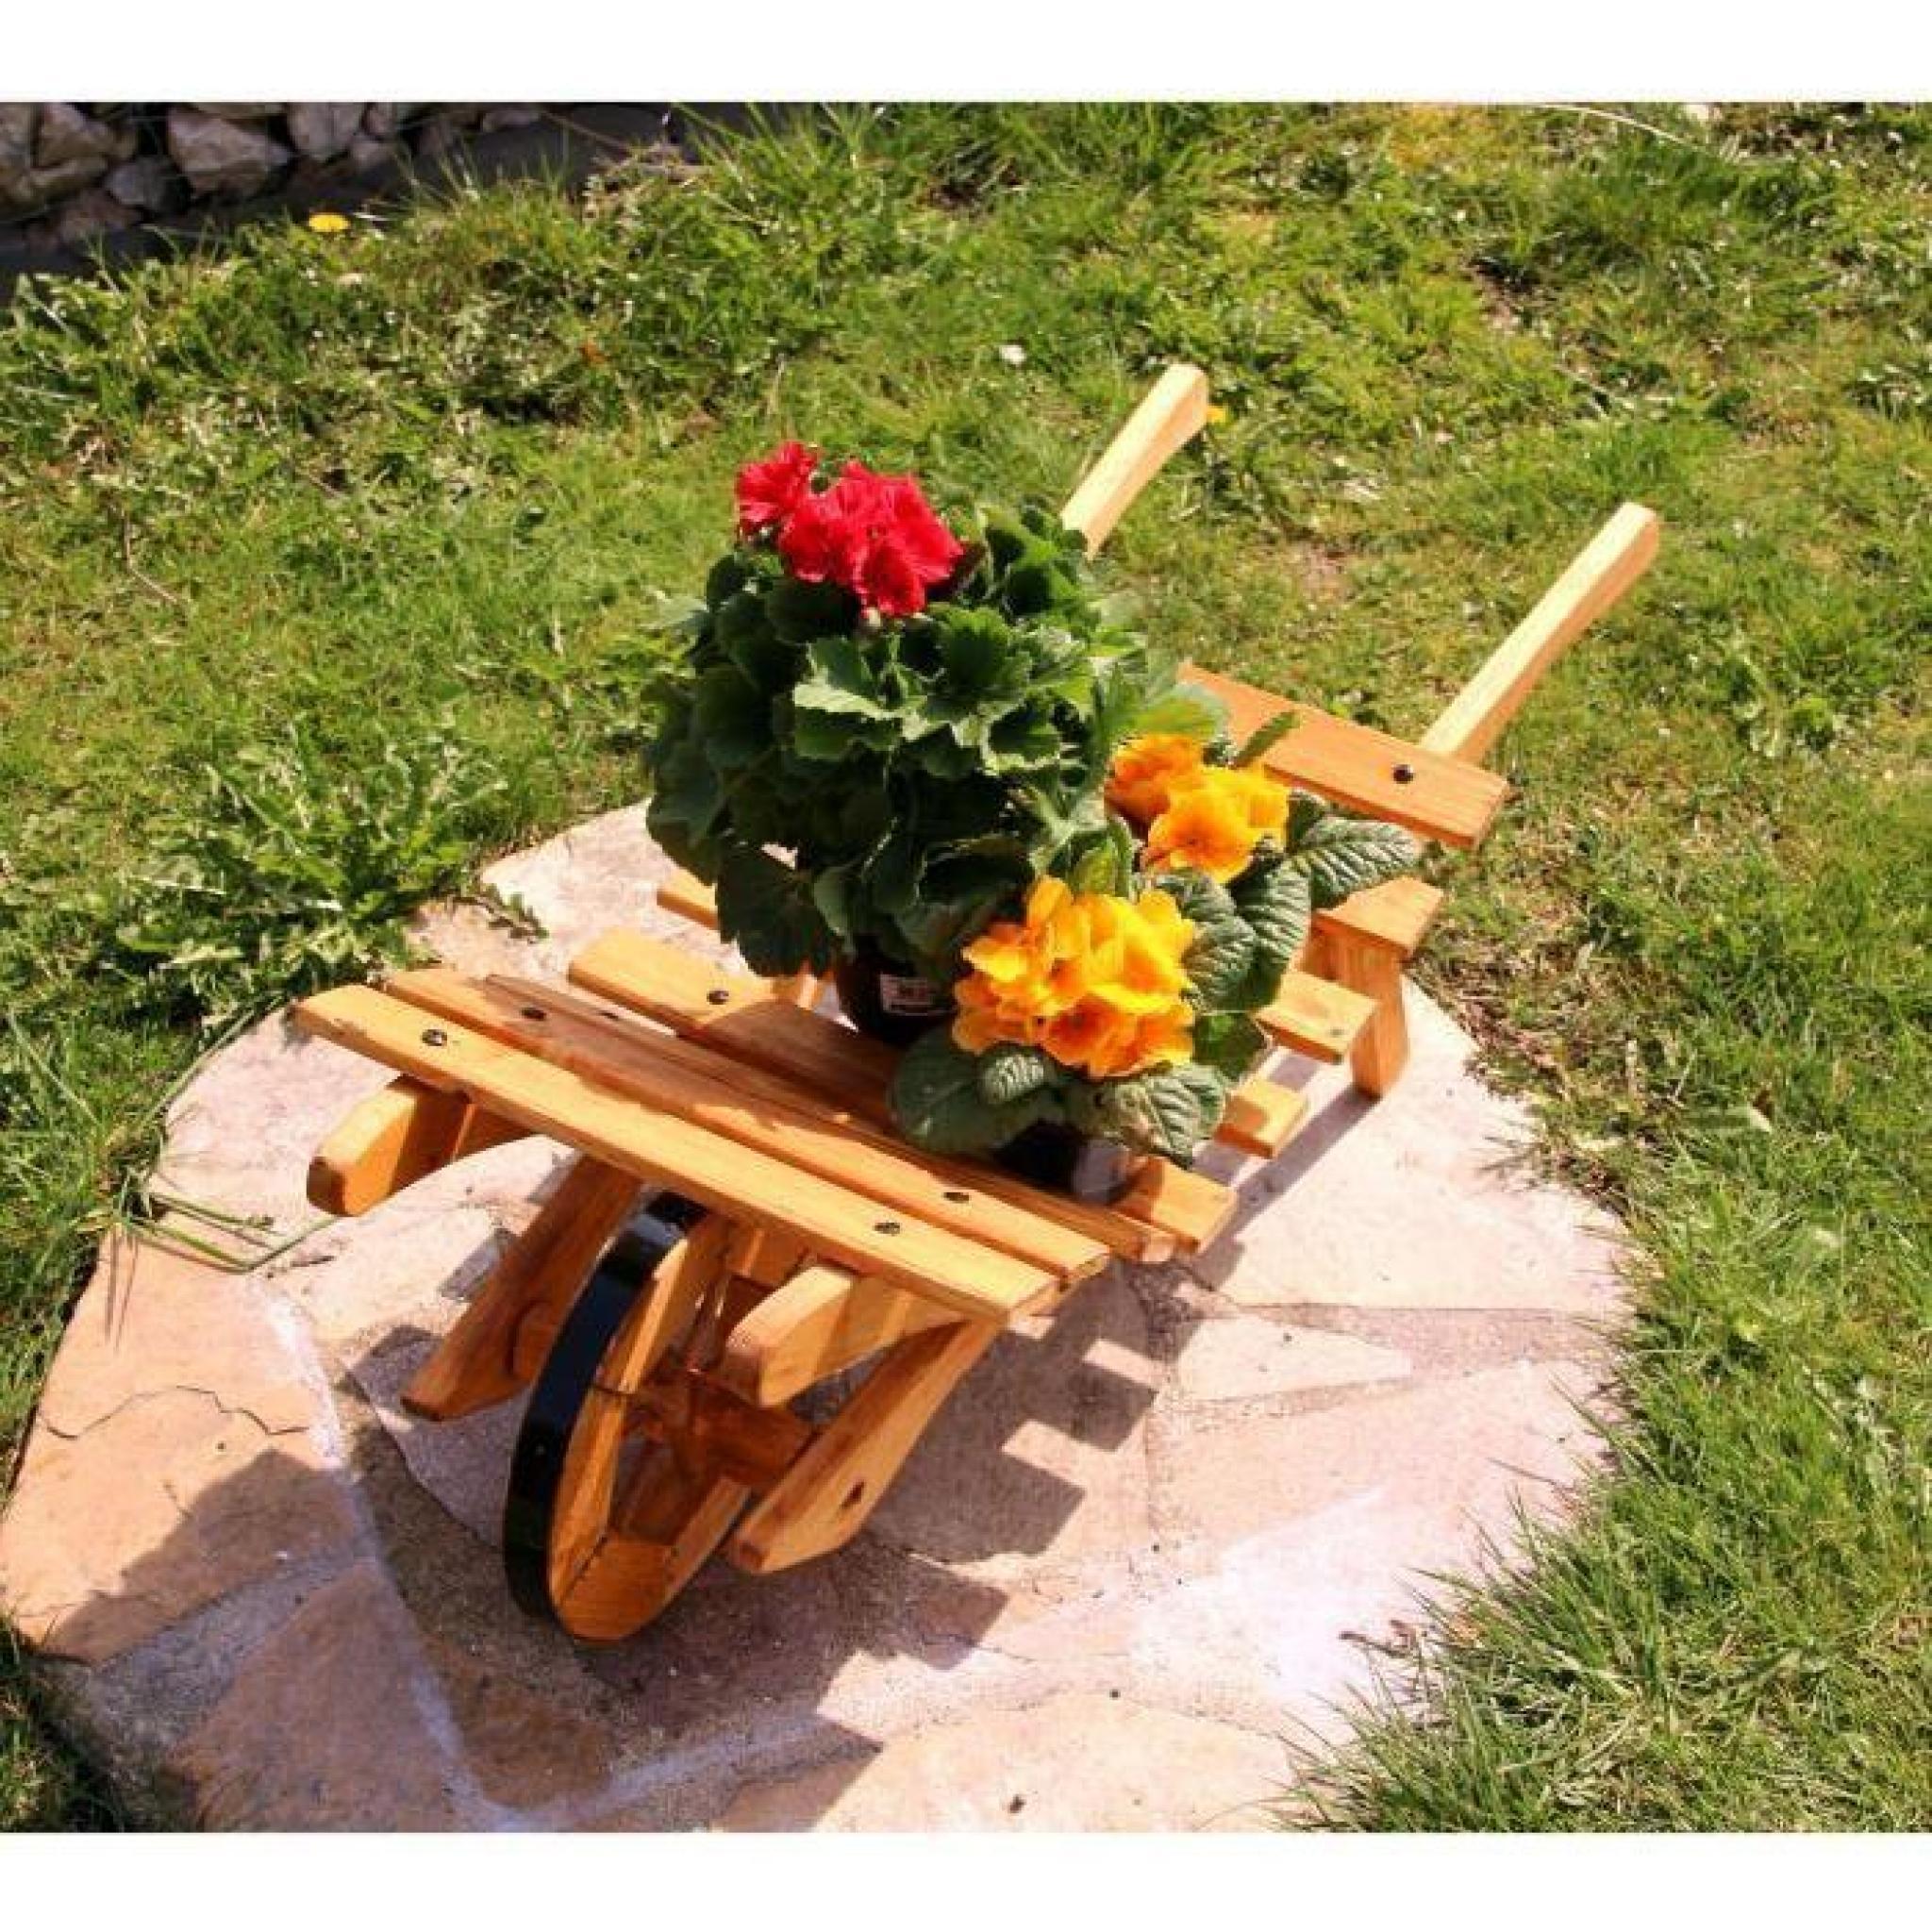 Brouette Fleurs Diable Brouette En Bois Typ 3 Petit encequiconcerne Brouette Décorative Pour Jardin